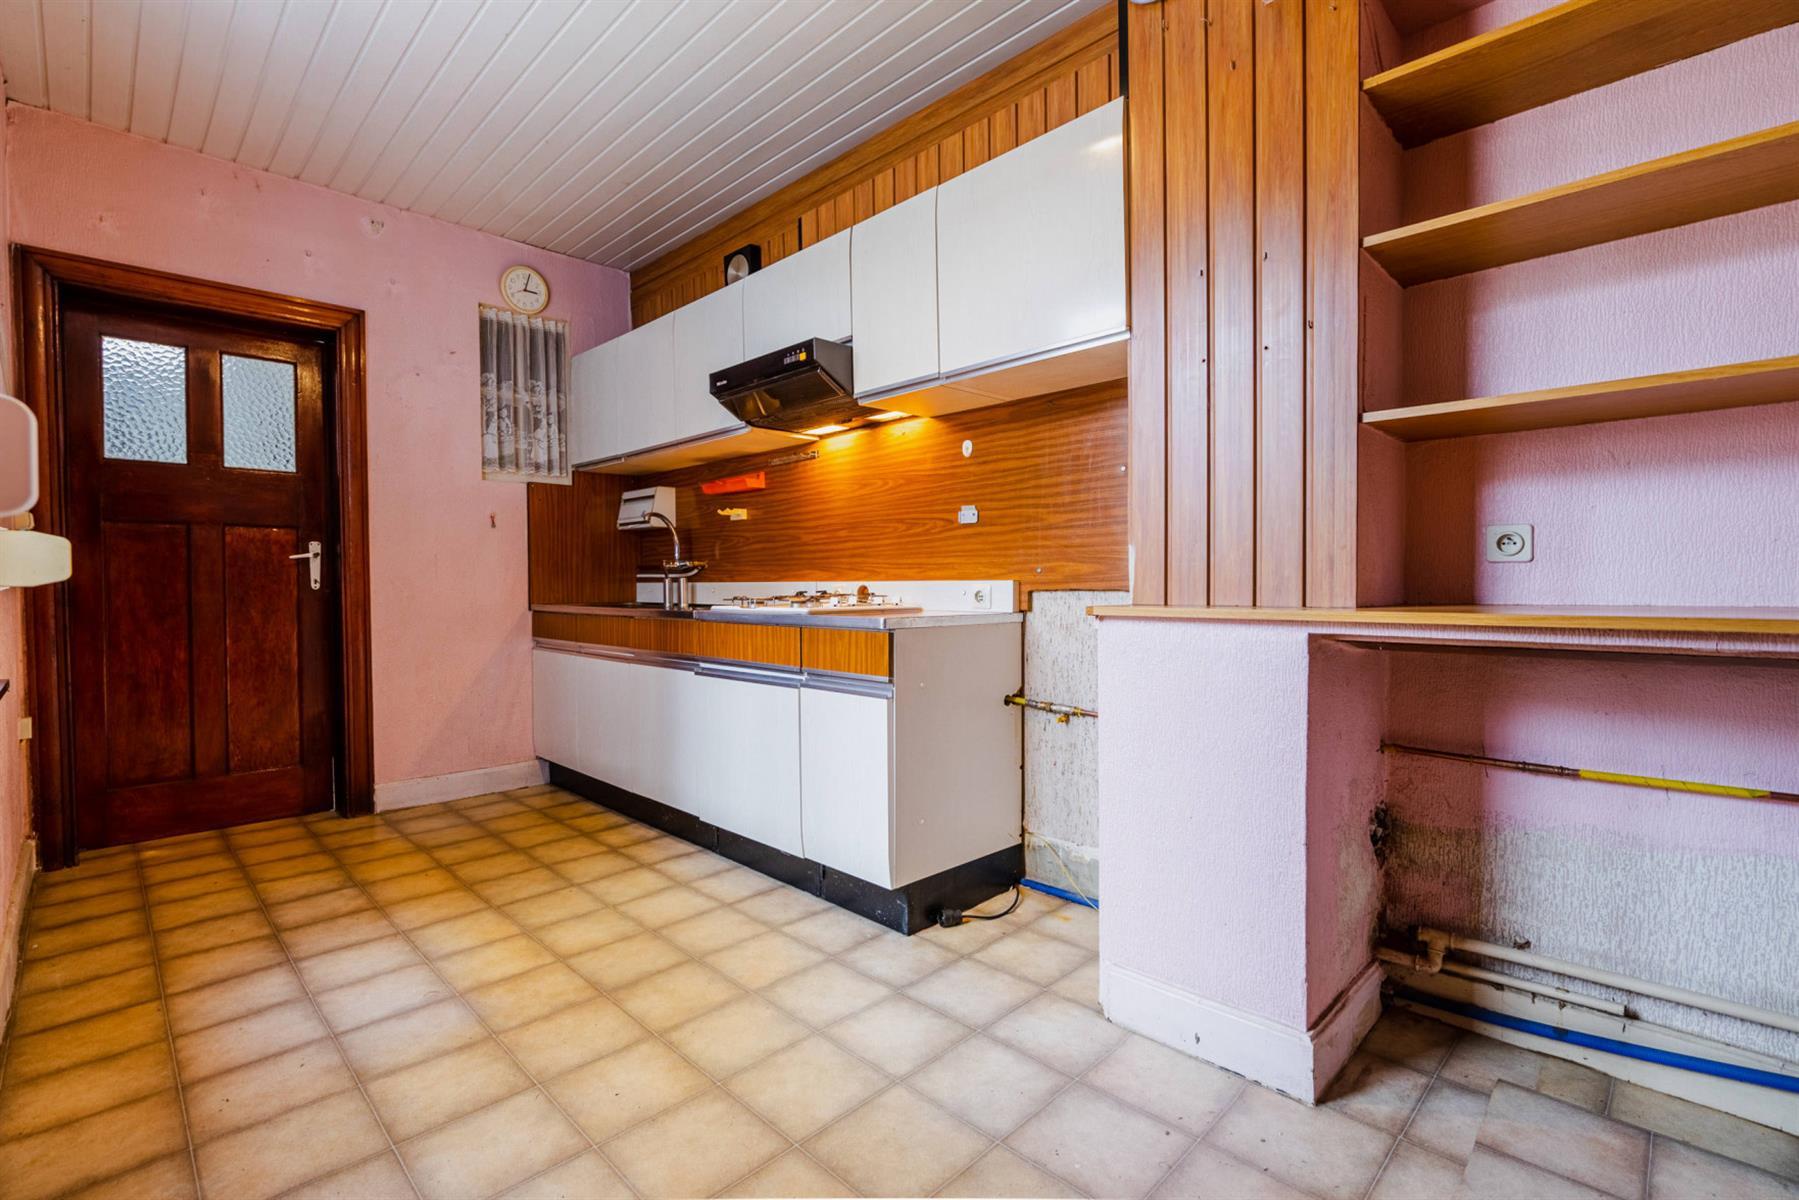 Maison - Court-saint-Étienne - #4518416-7